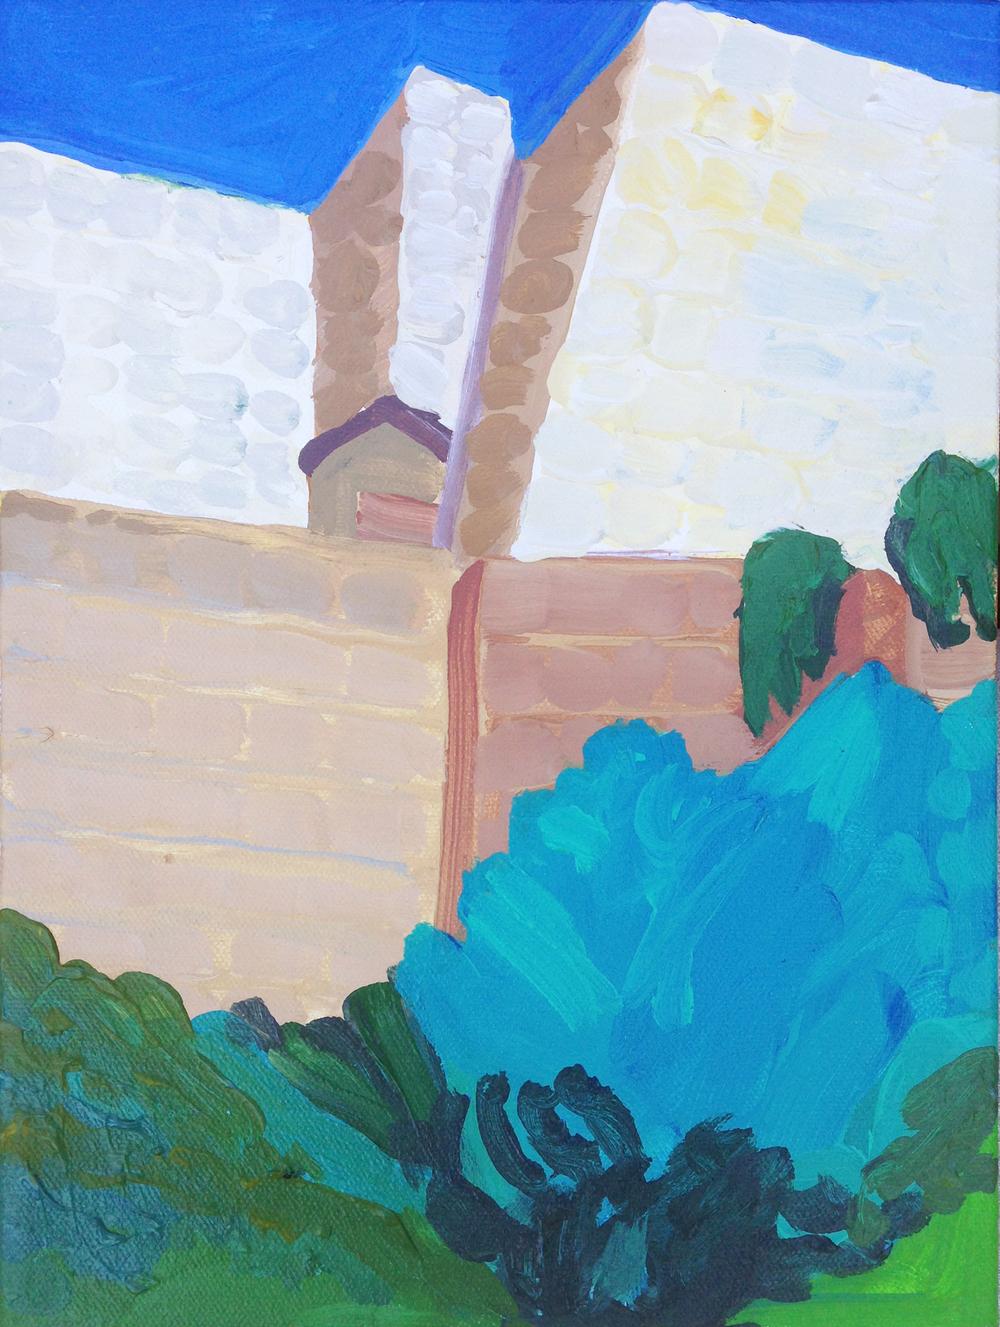 Frank Lloyd Wright, Ennis House, LA, CA